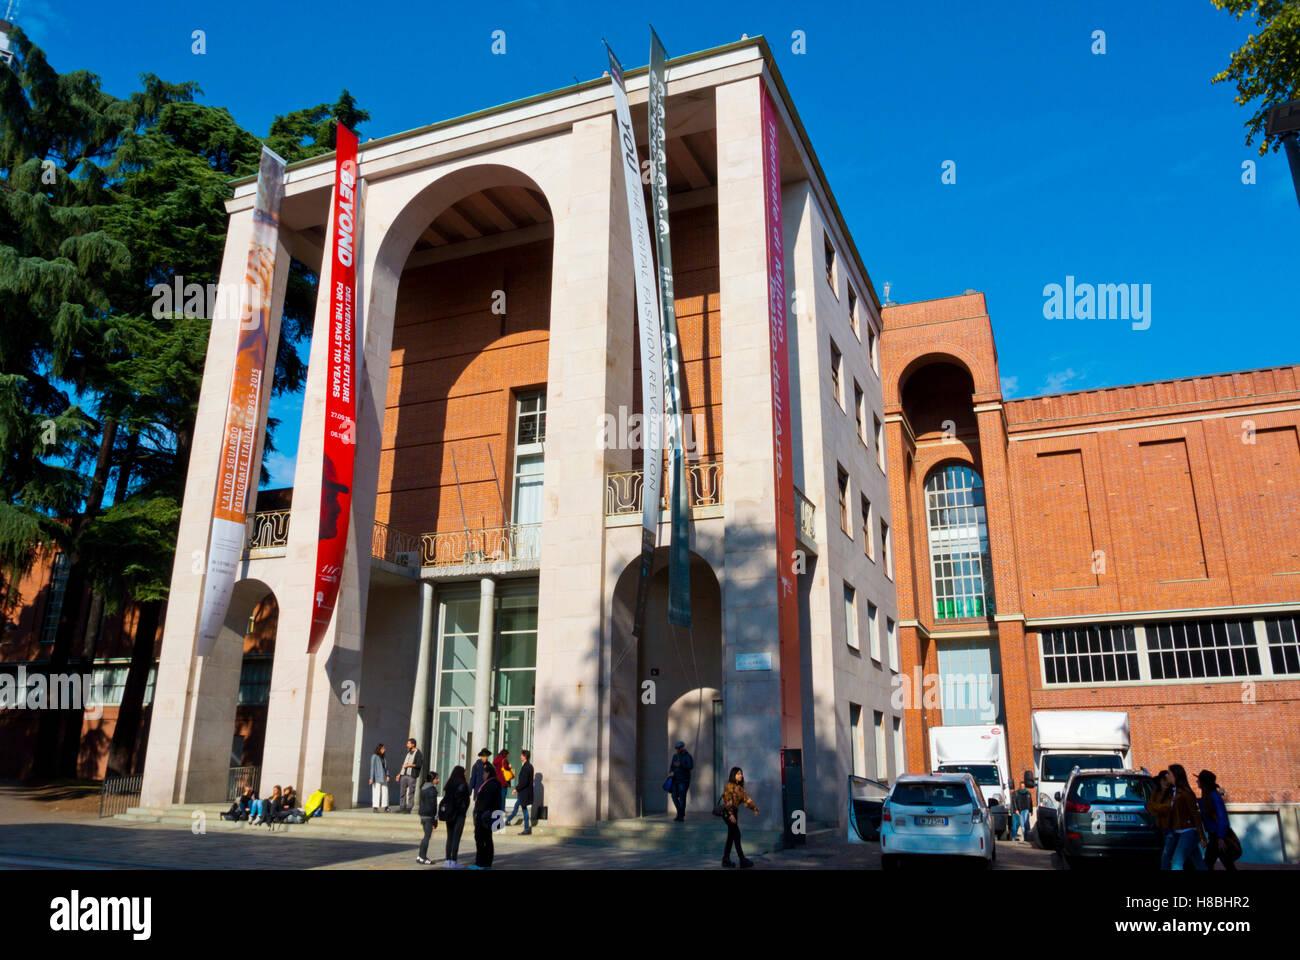 La Triennale di Milano, Parco Sempione, Milan, Lombardy, Italy - Stock Image